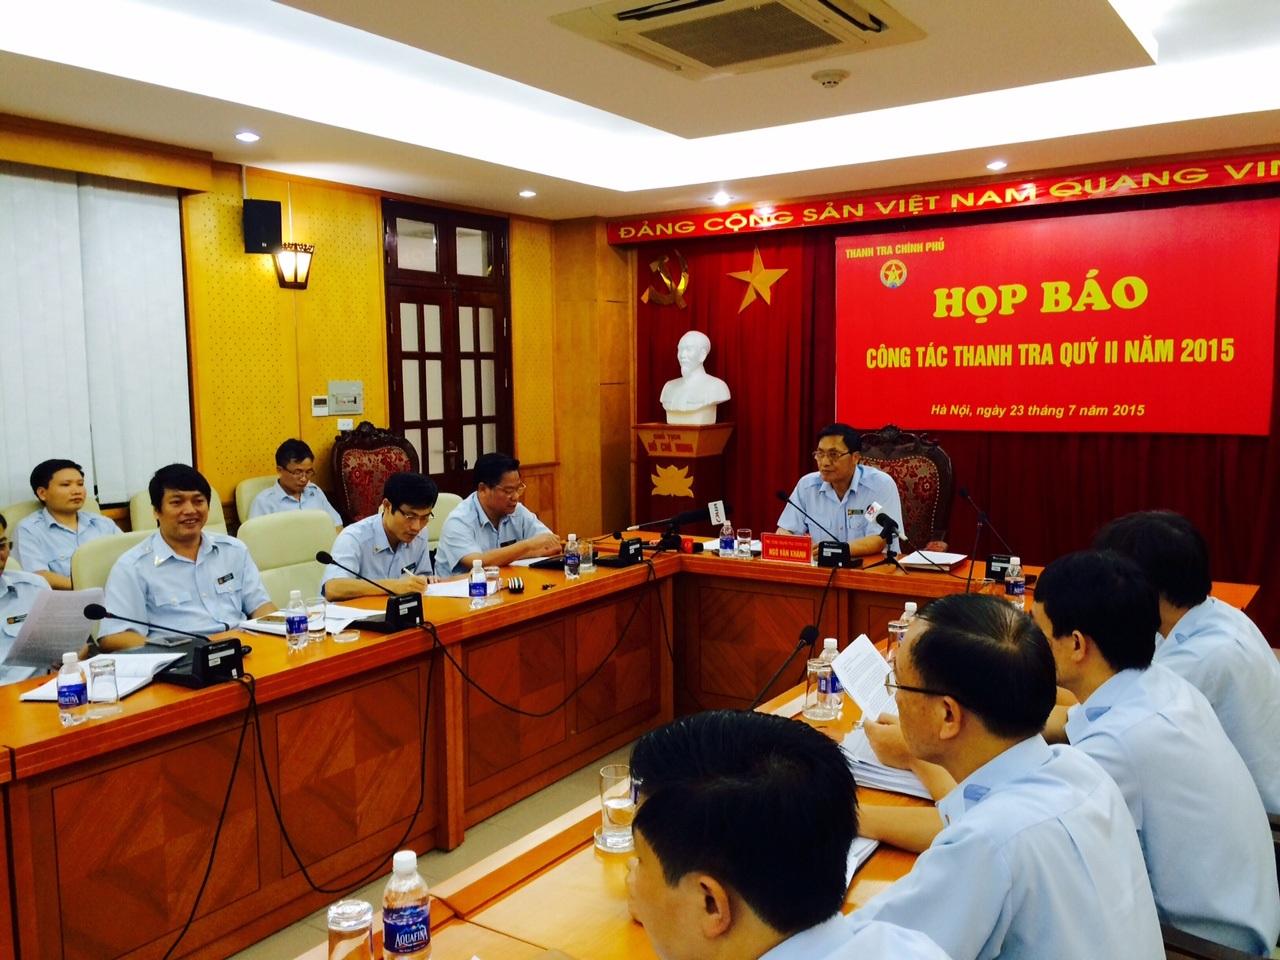 Quang cảnh buổi họp báo thường kỳ của Thanh tra Chính phủ sáng nay.